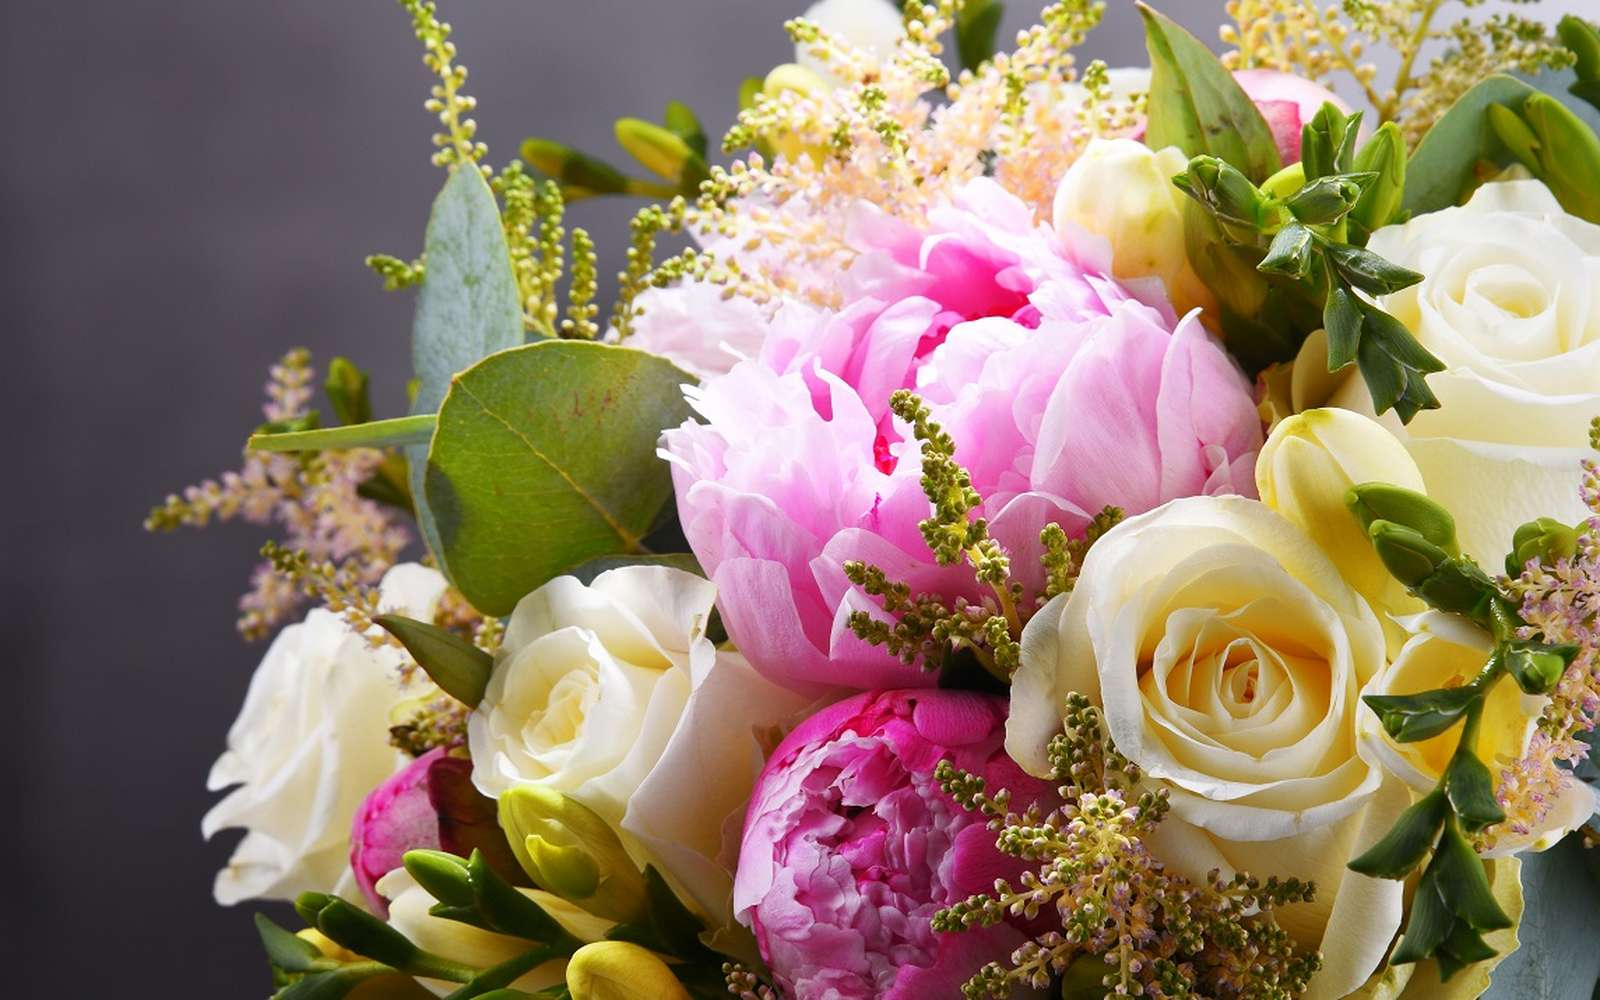 Bouquet aux couleurs pastel, douces et tendres © Monticellllo, Adobe Stock